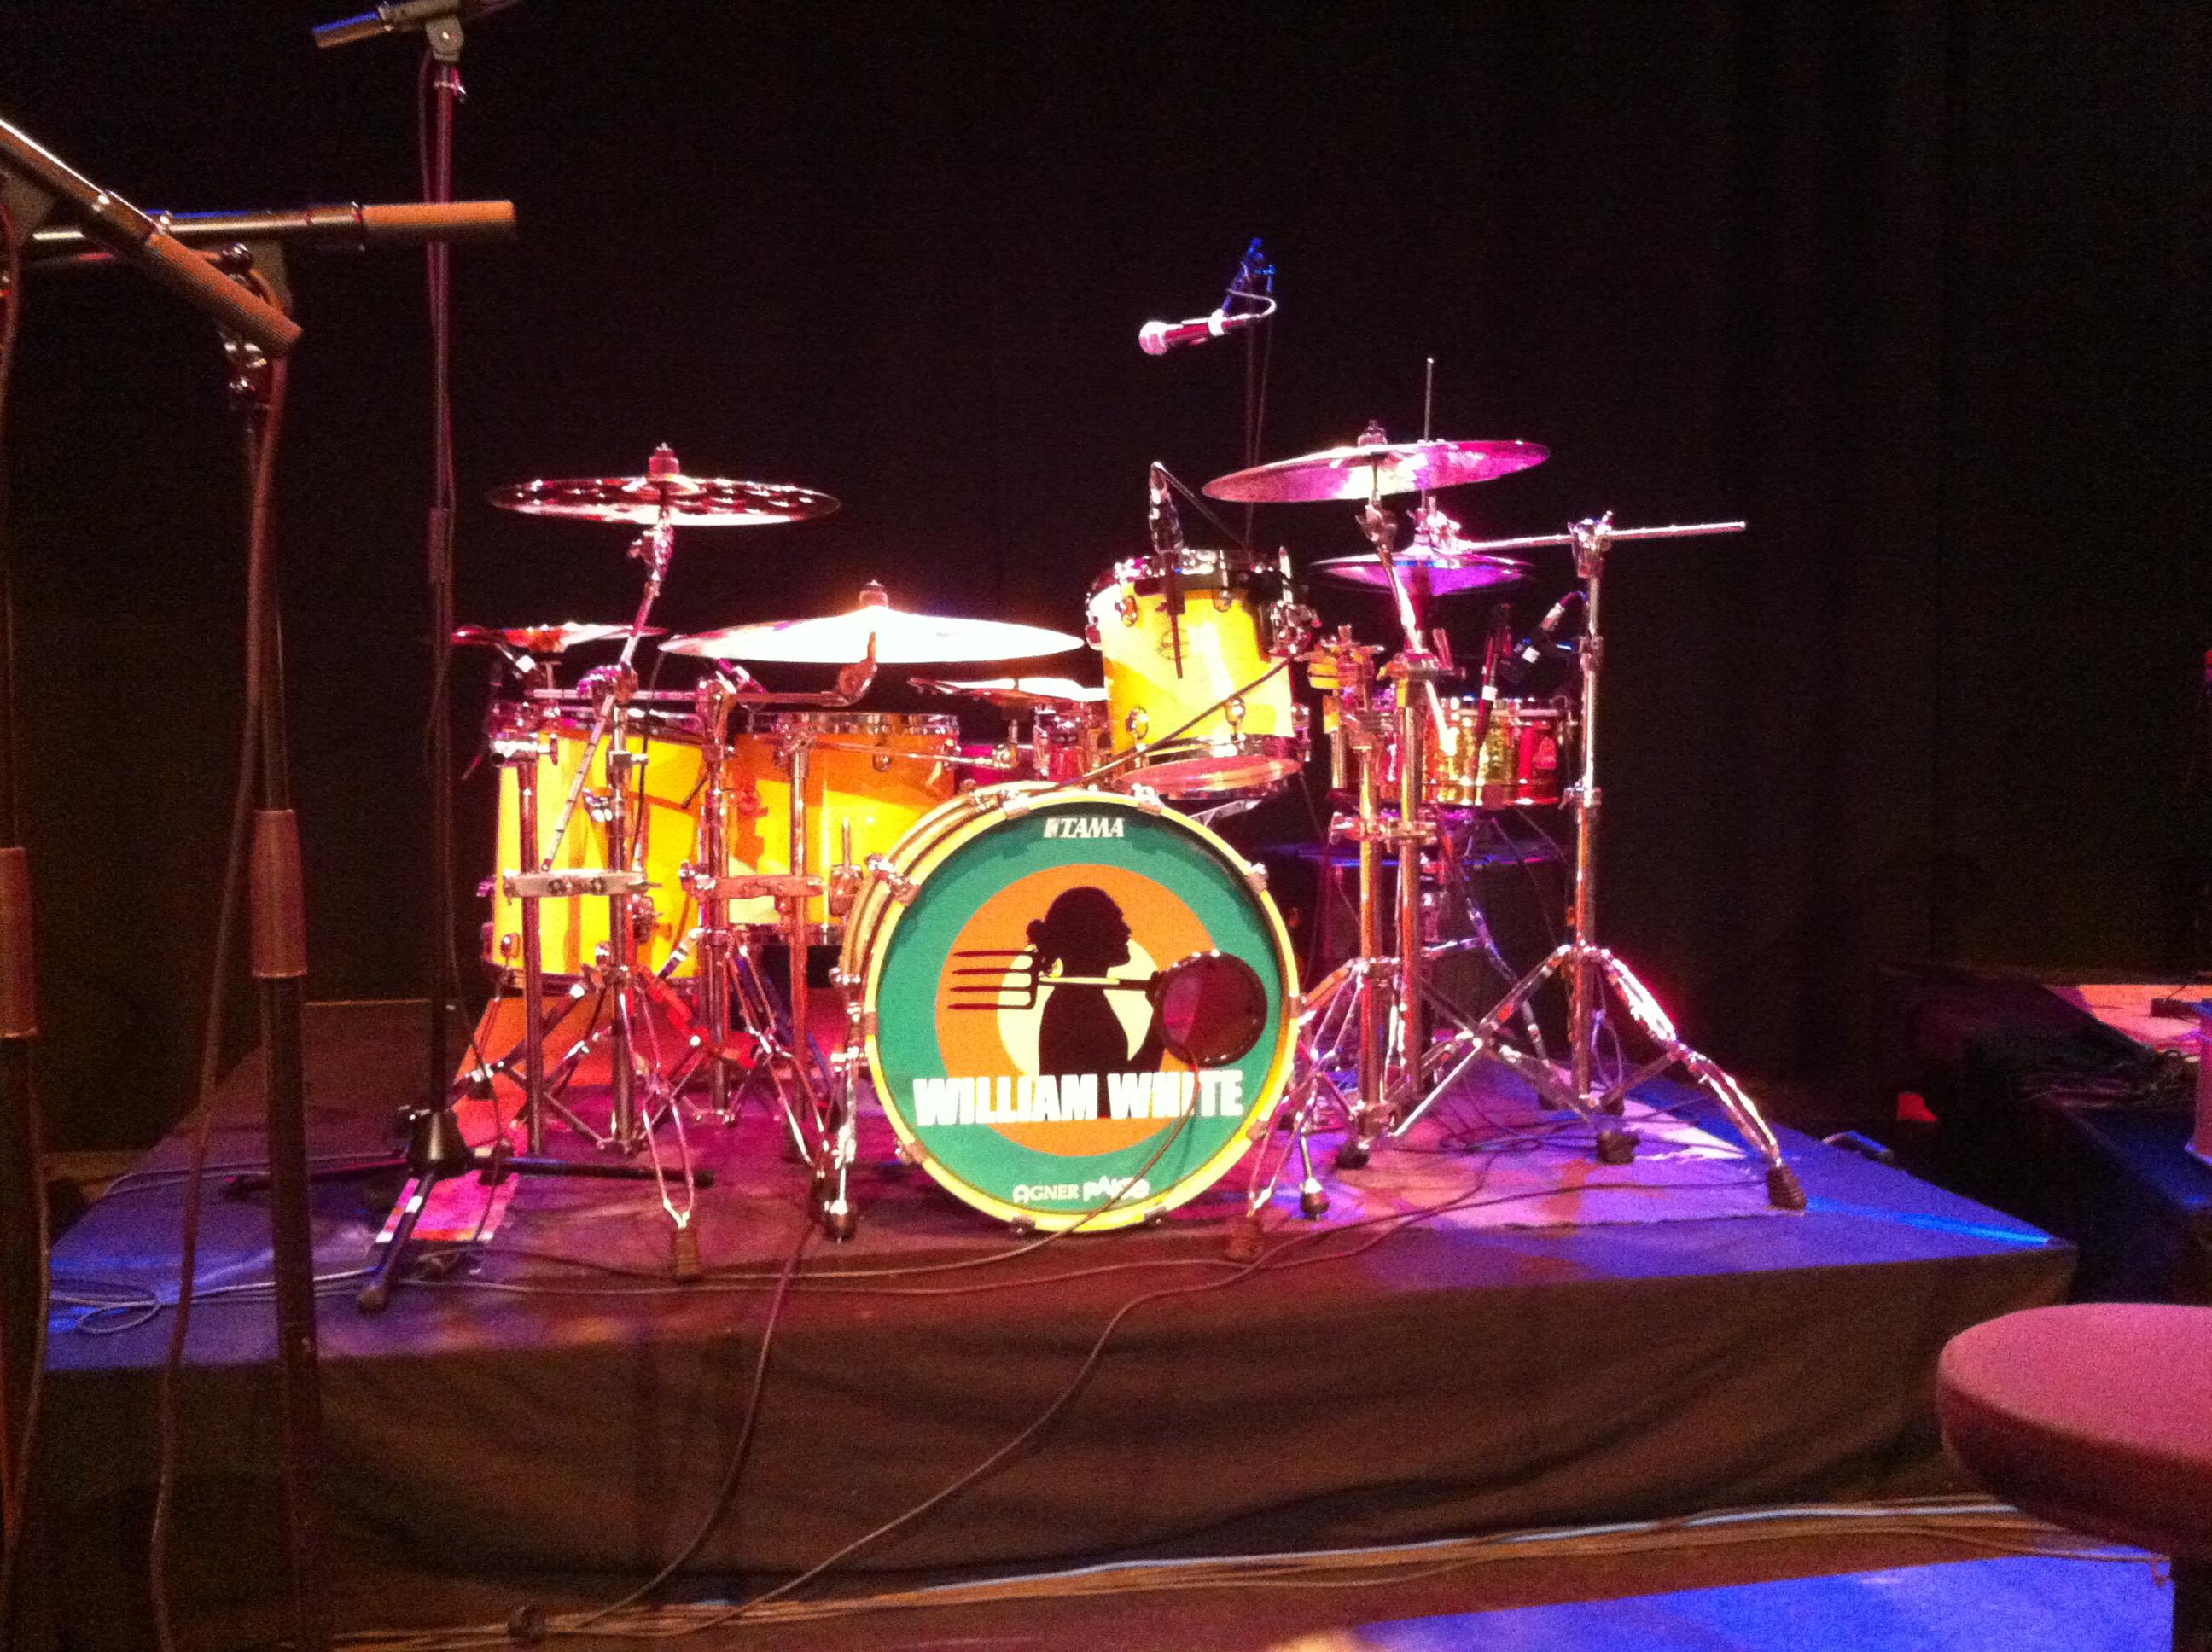 William White live-setup